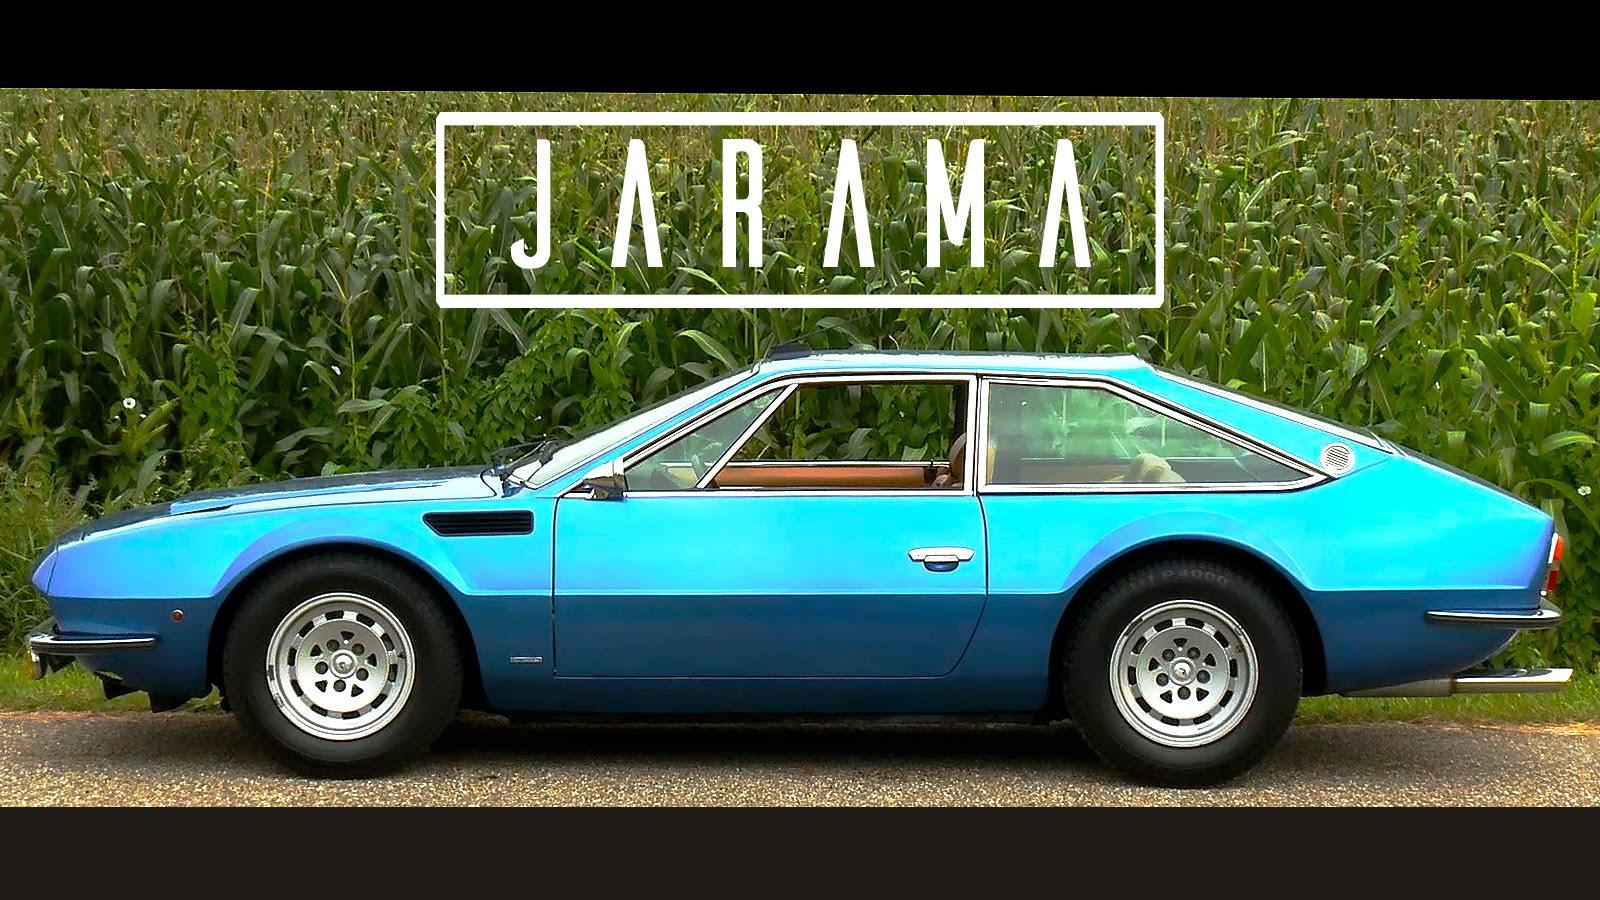 Amazing Lamborghini Jarama Pictures & Backgrounds